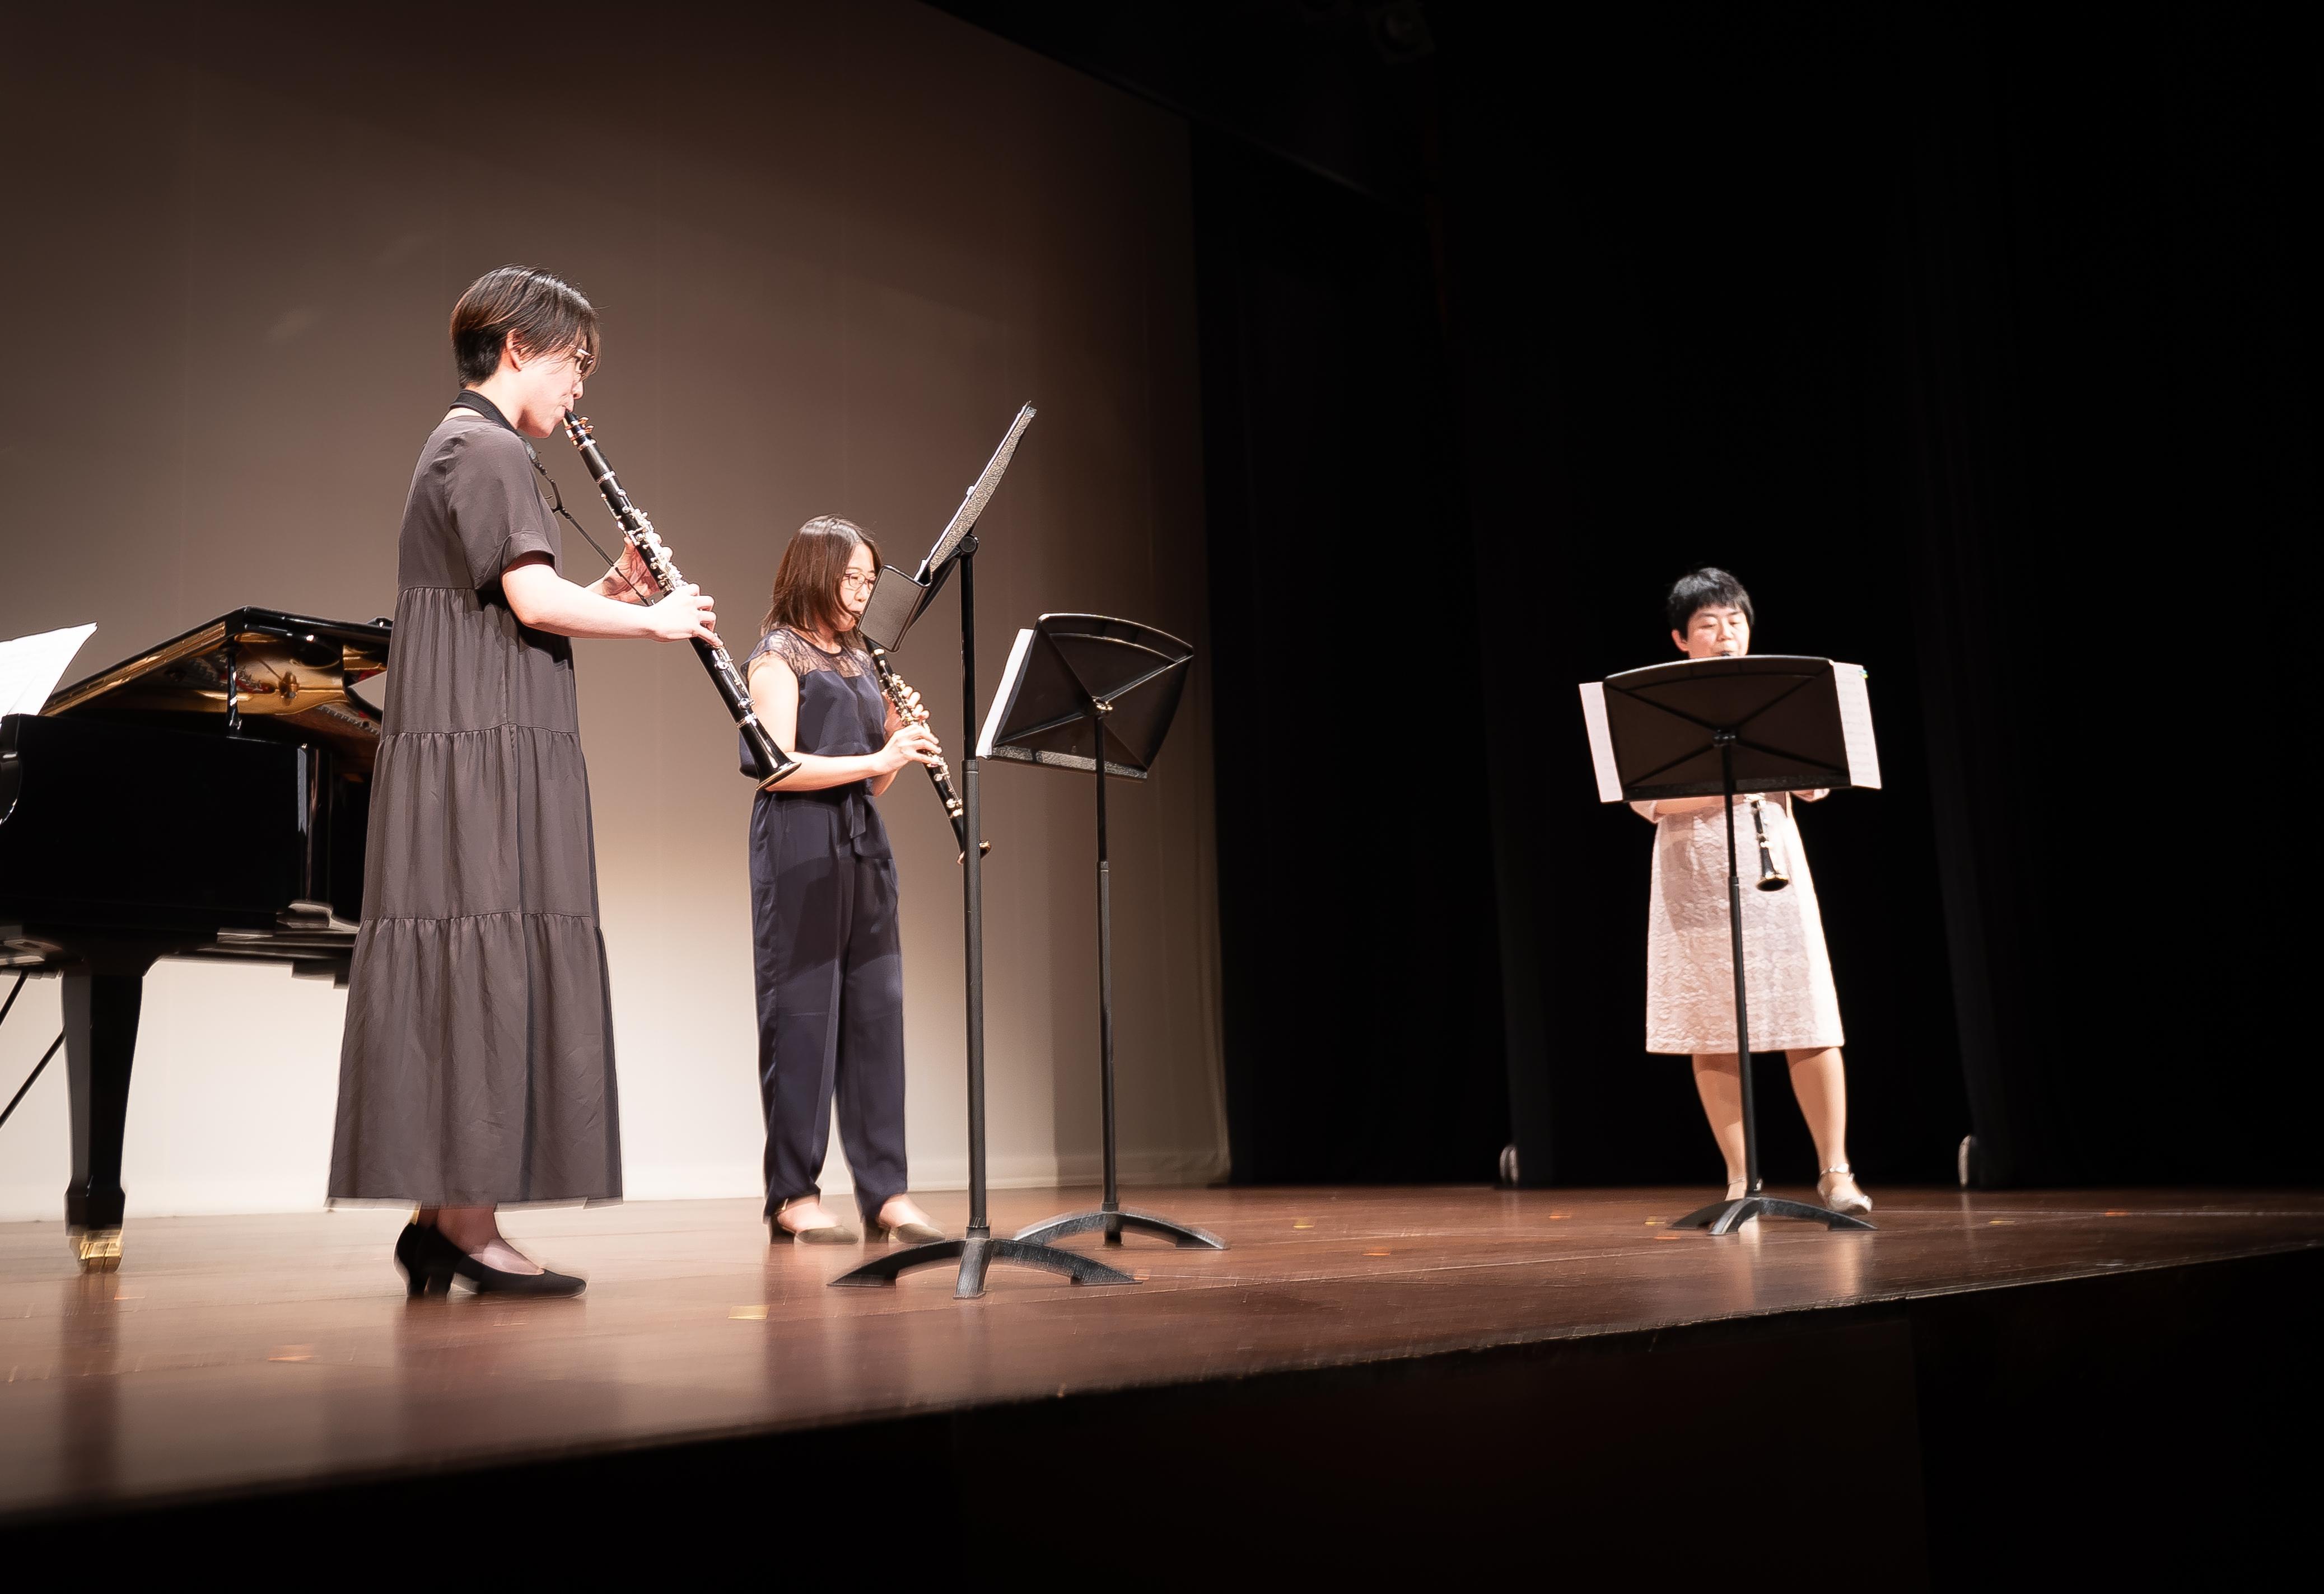 発表会でトリオ演奏する生徒達